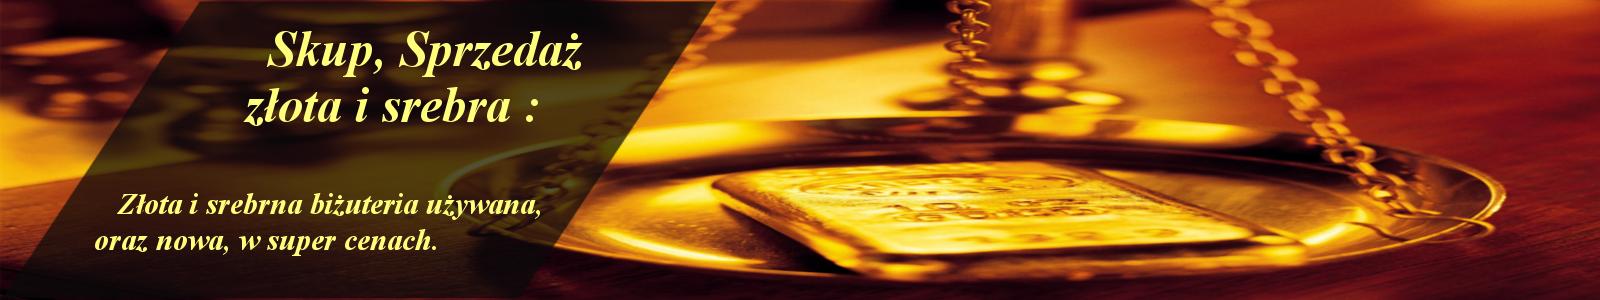 Skup, Sprzedaż złota, srebra